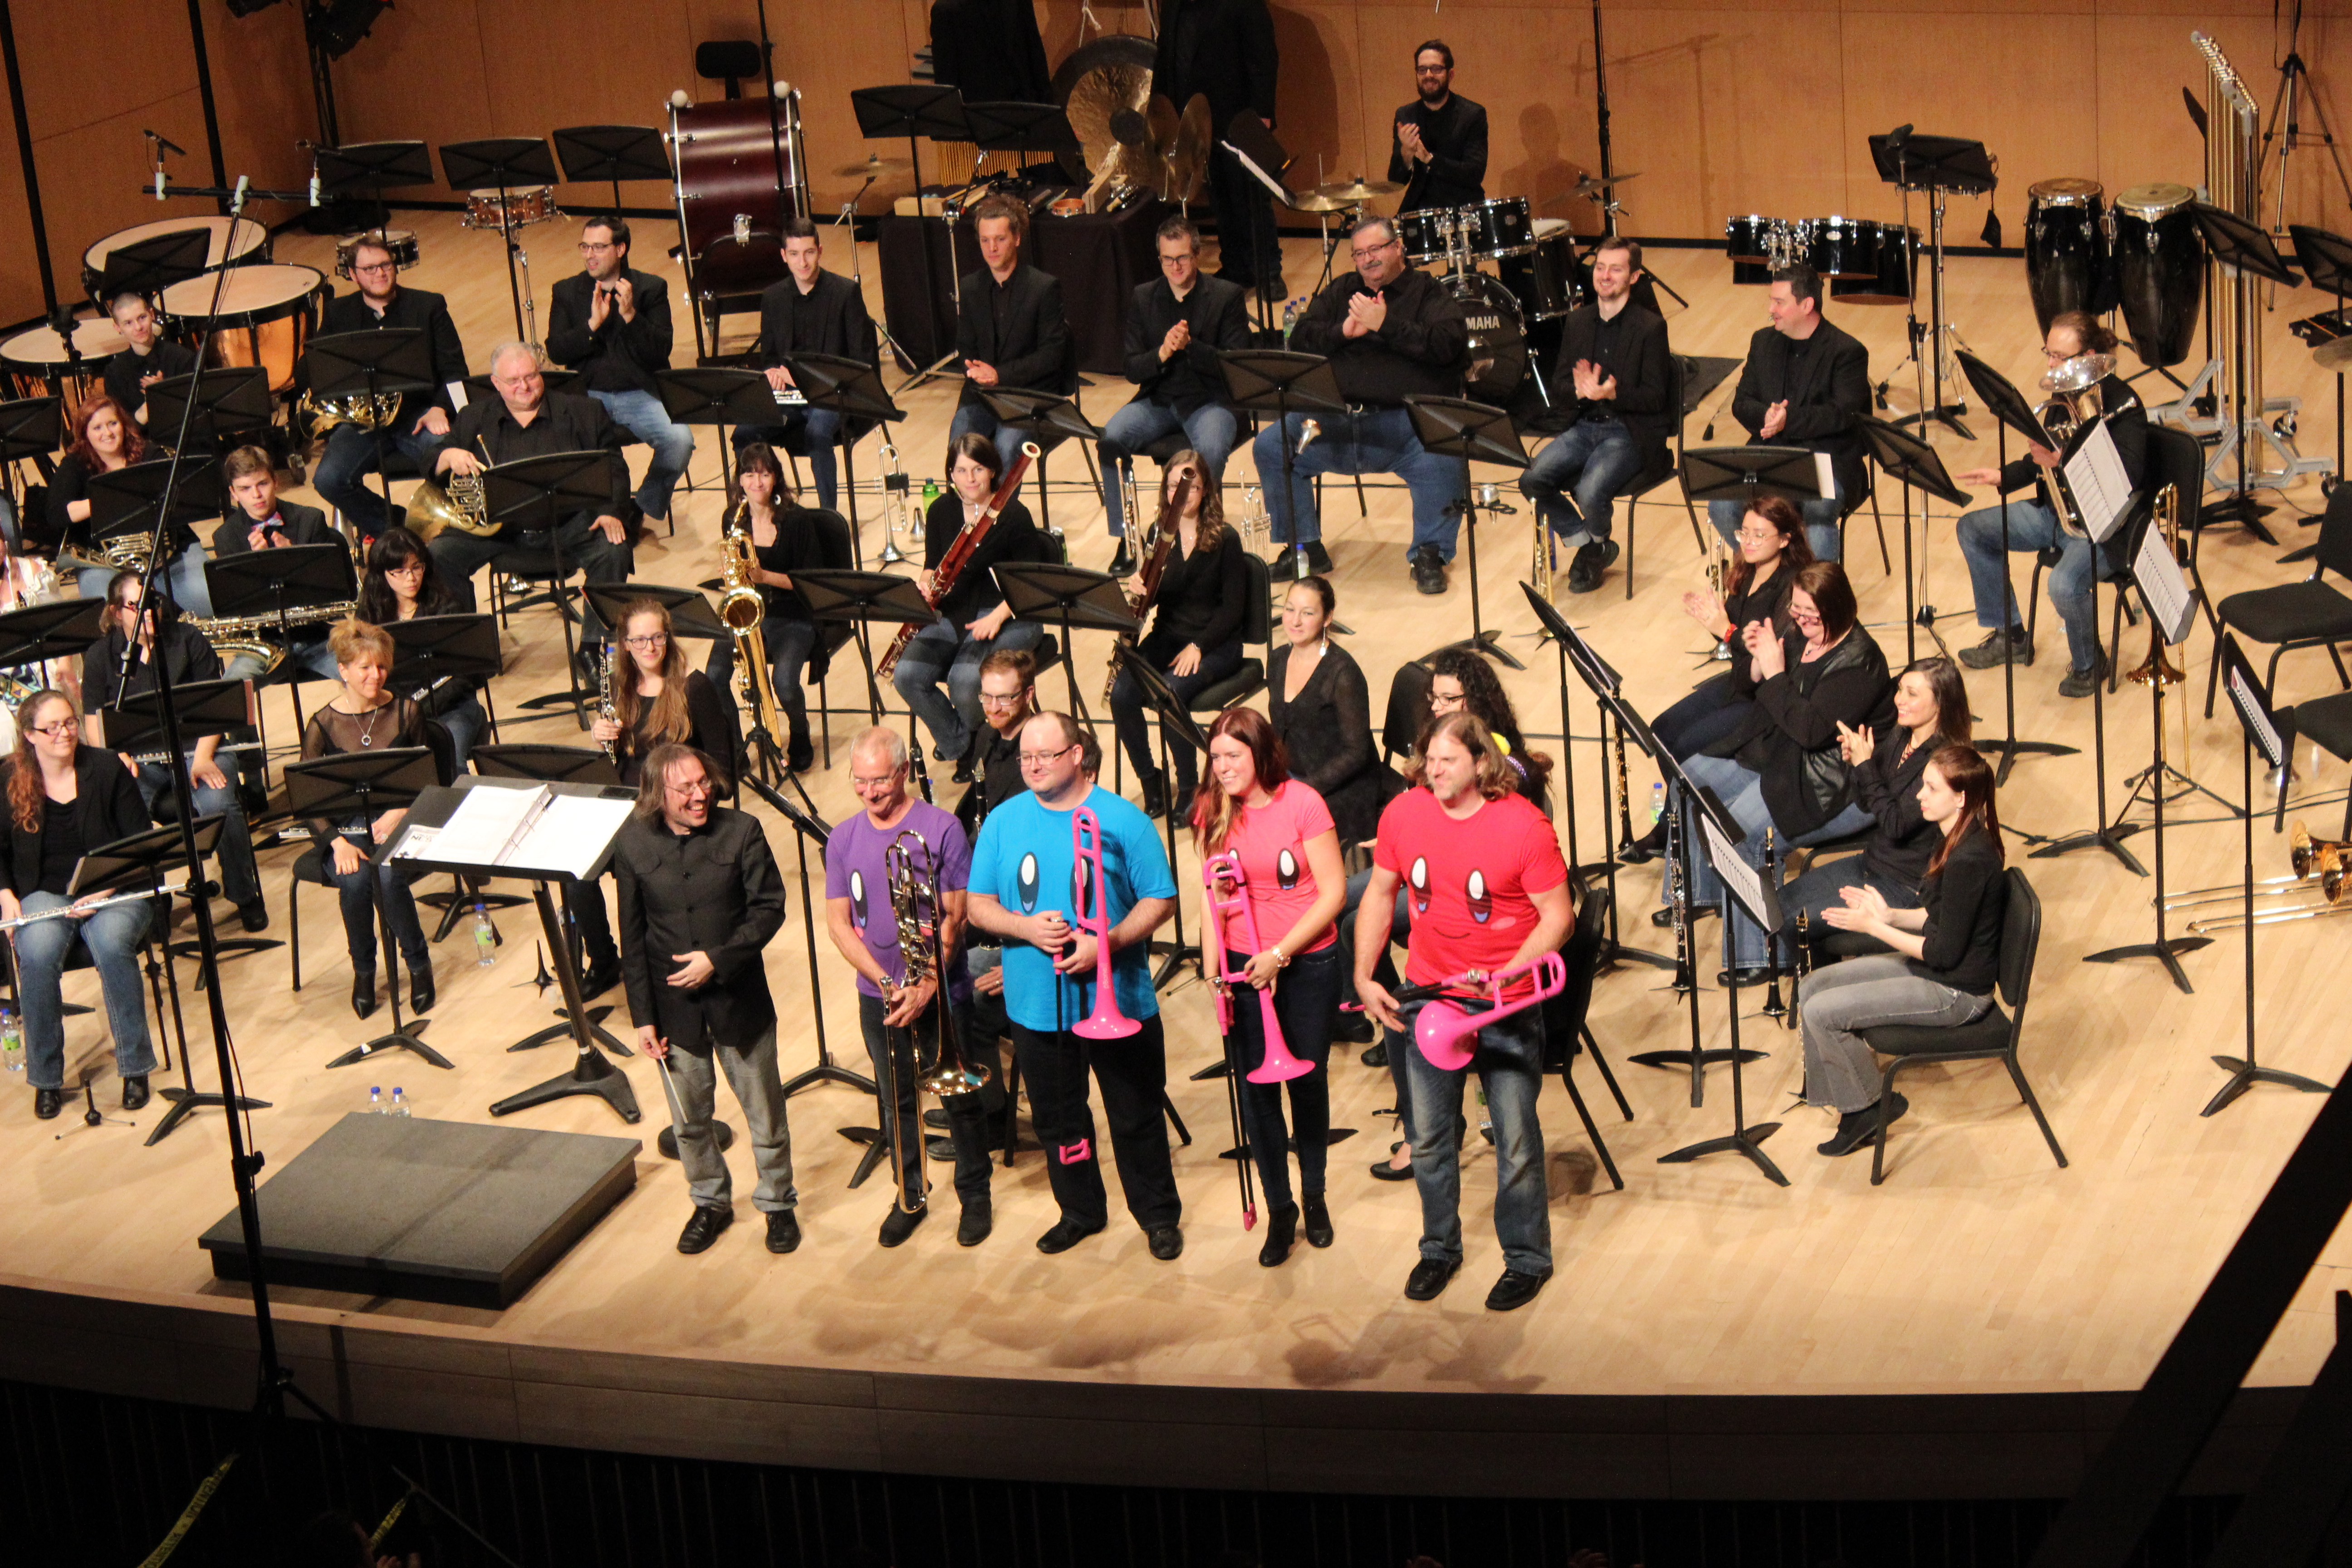 Un moment très cocasse de la soirée fut lorsque les trombonistes ont utilisé des instruments en plastique rose pour jouer les thèmes de Kirby